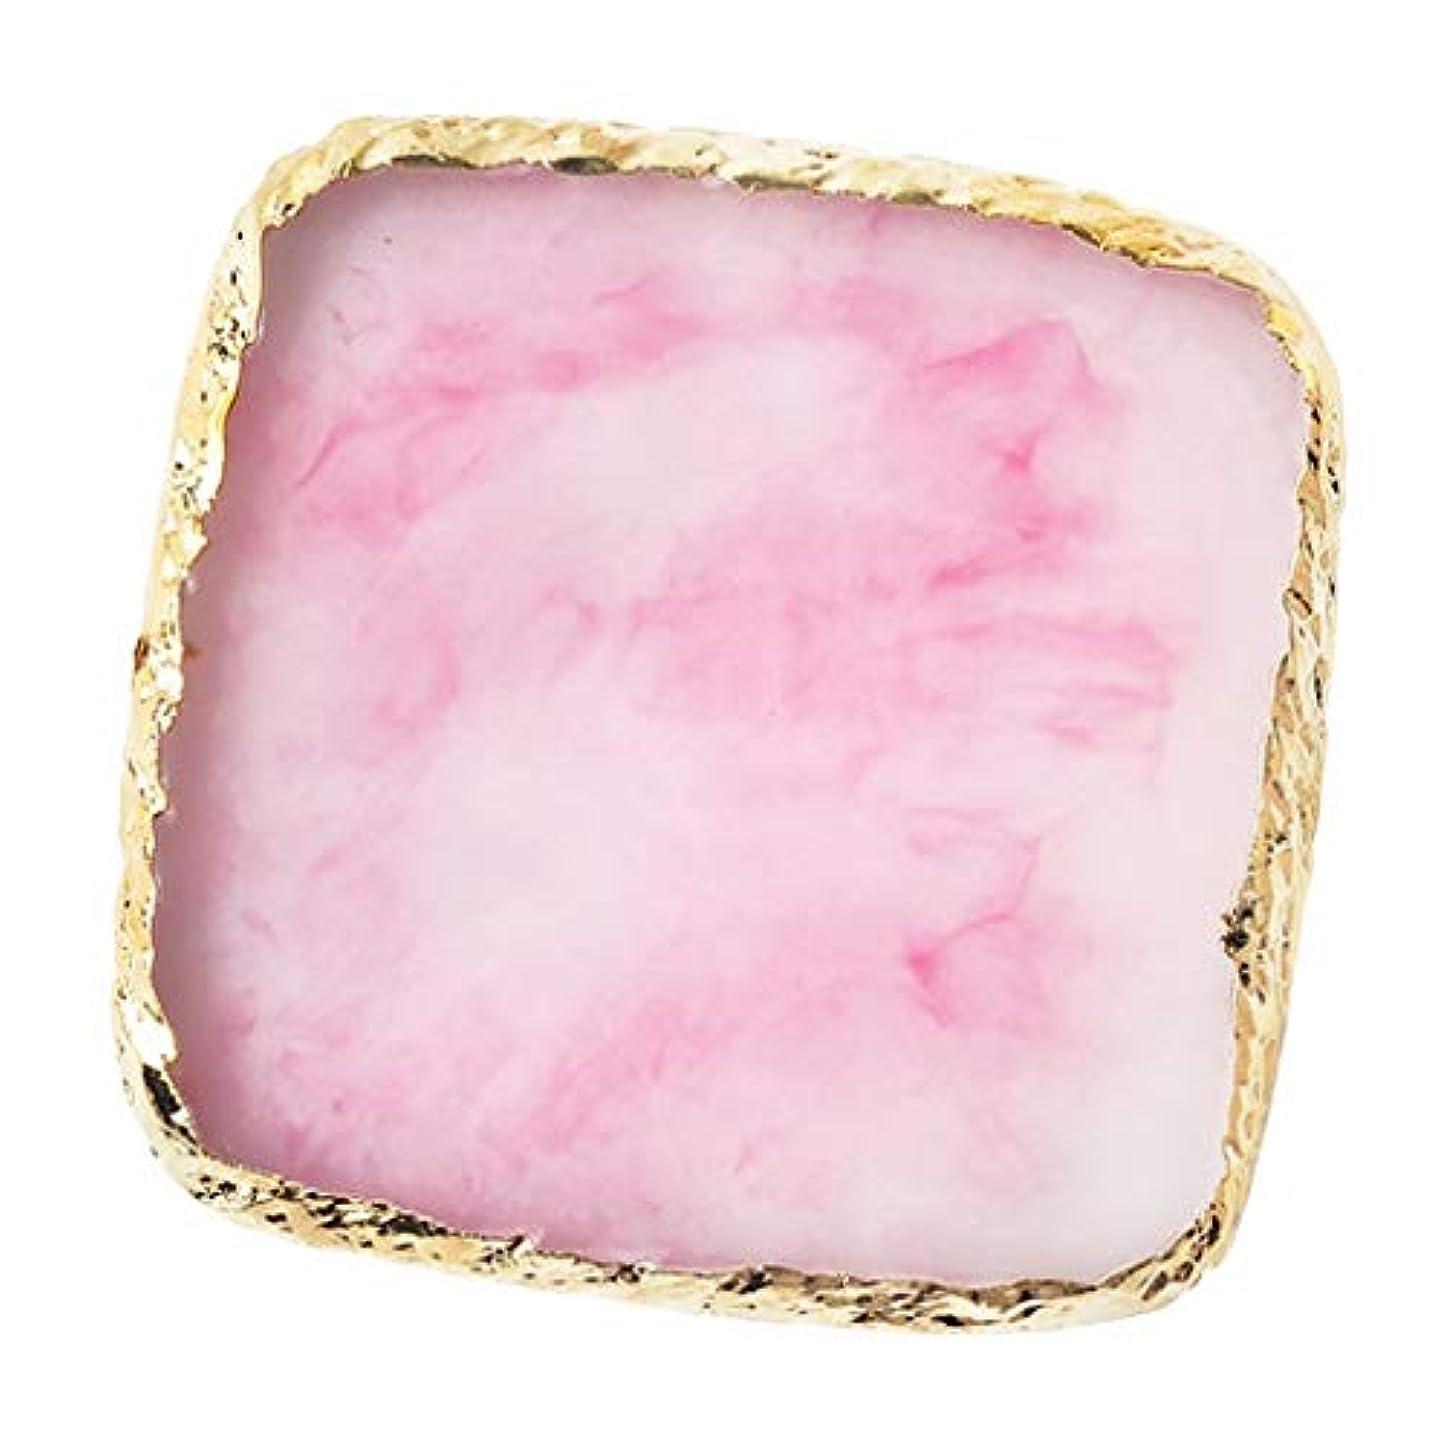 チョーク眠っているクライアントIPOTCH ネイルアート カラーブレンド ミキシングパレット 樹脂製 6色選べ - ピンク